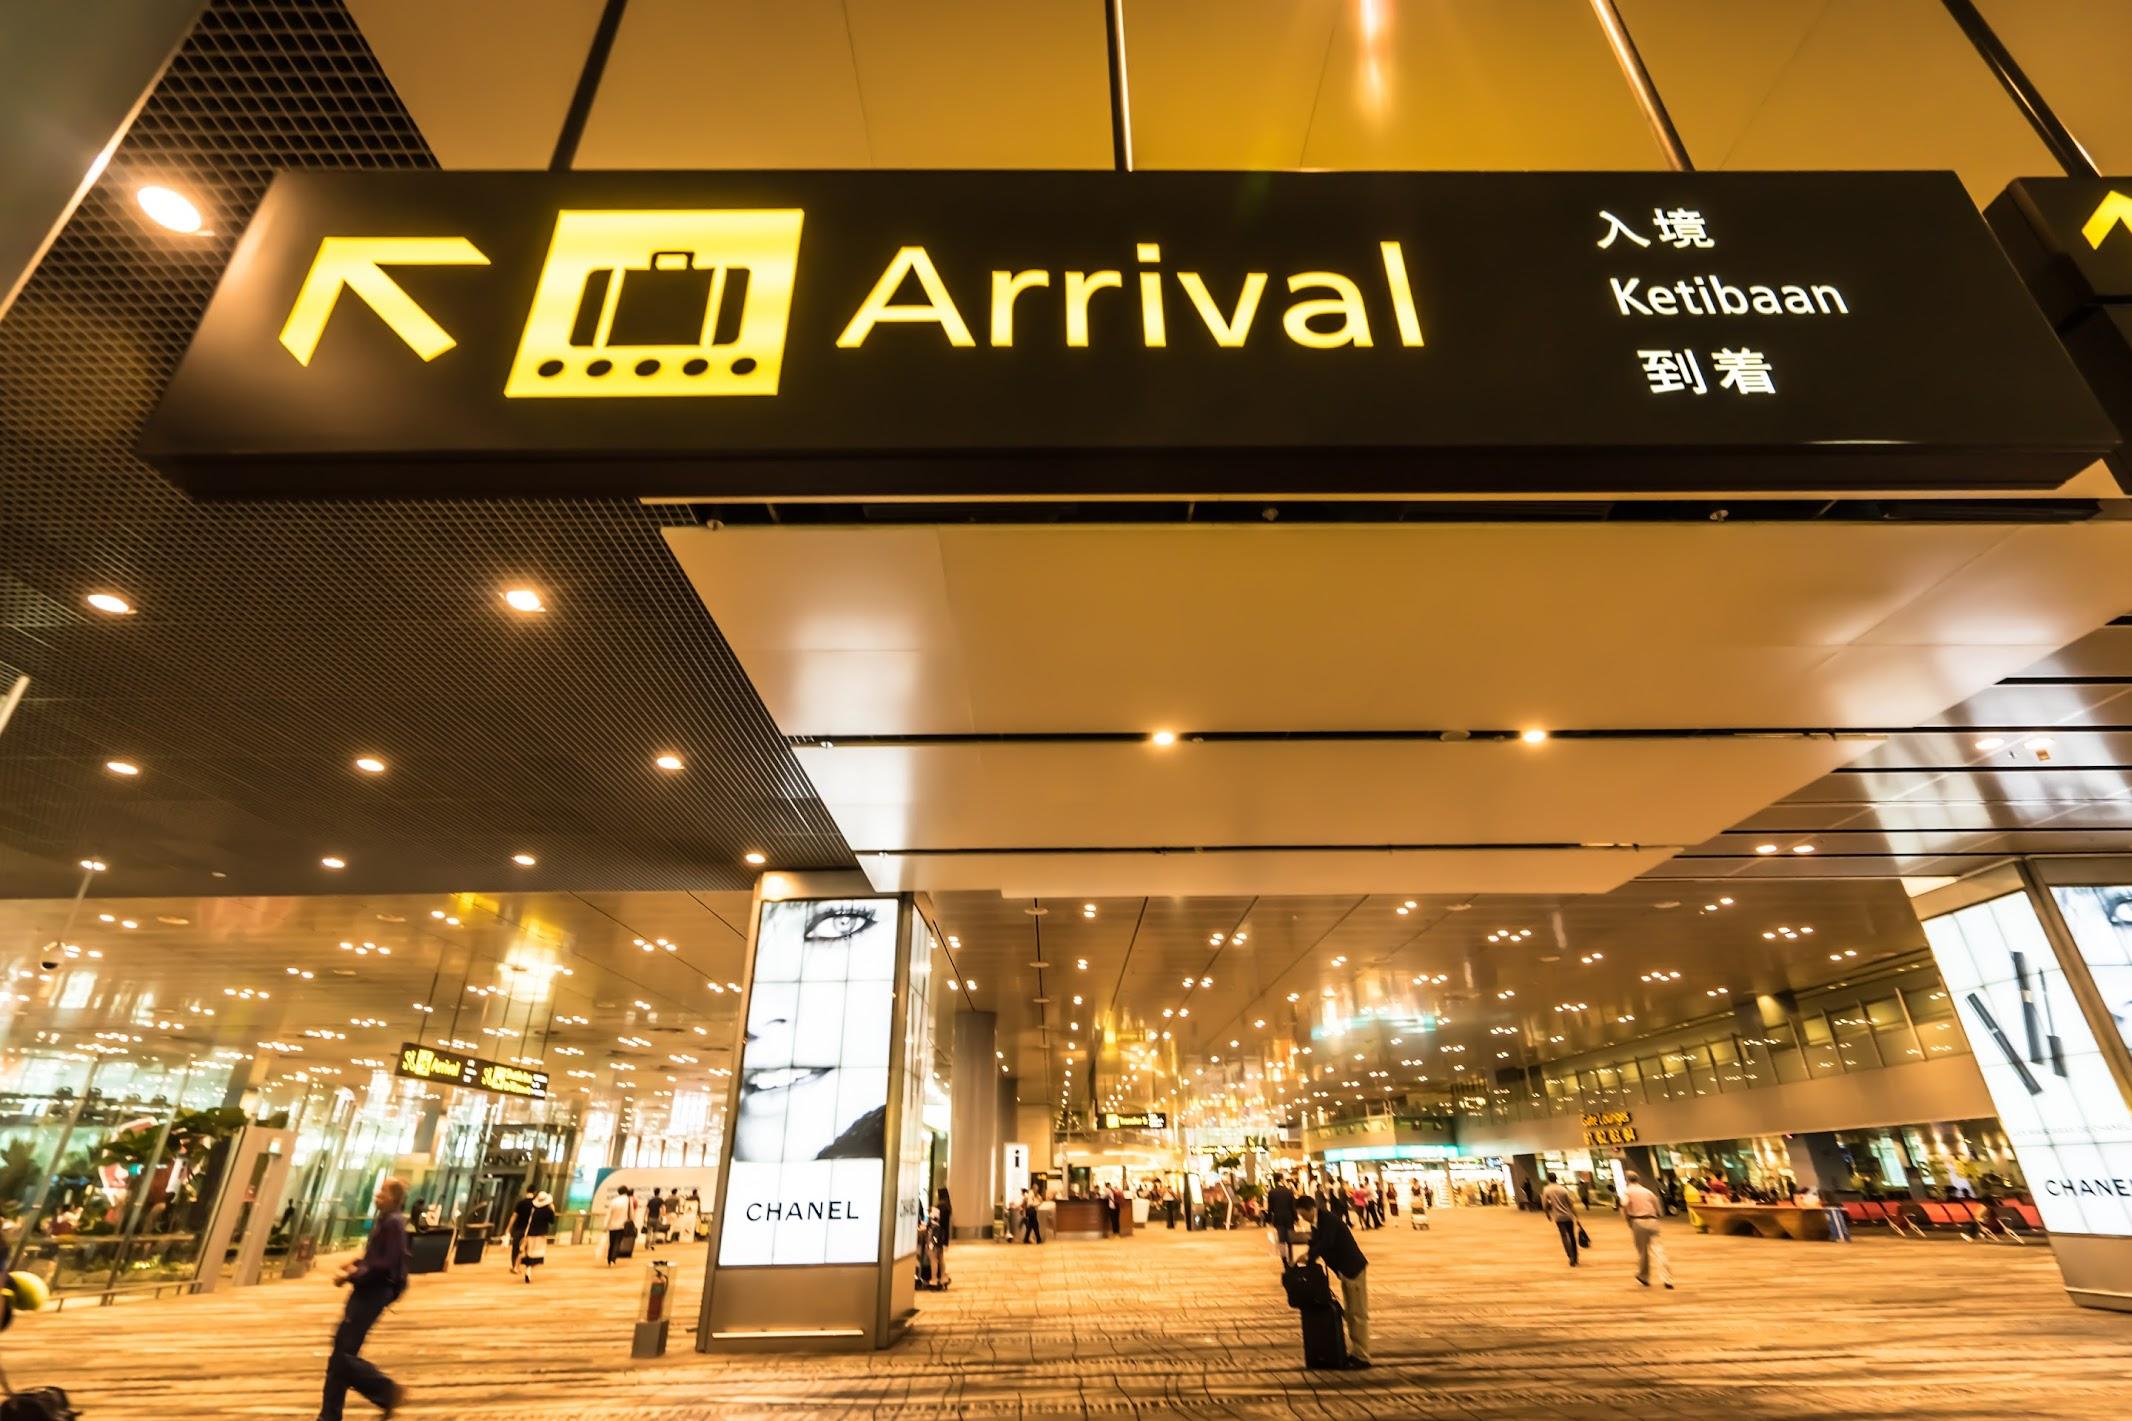 Singapore Changi airport1